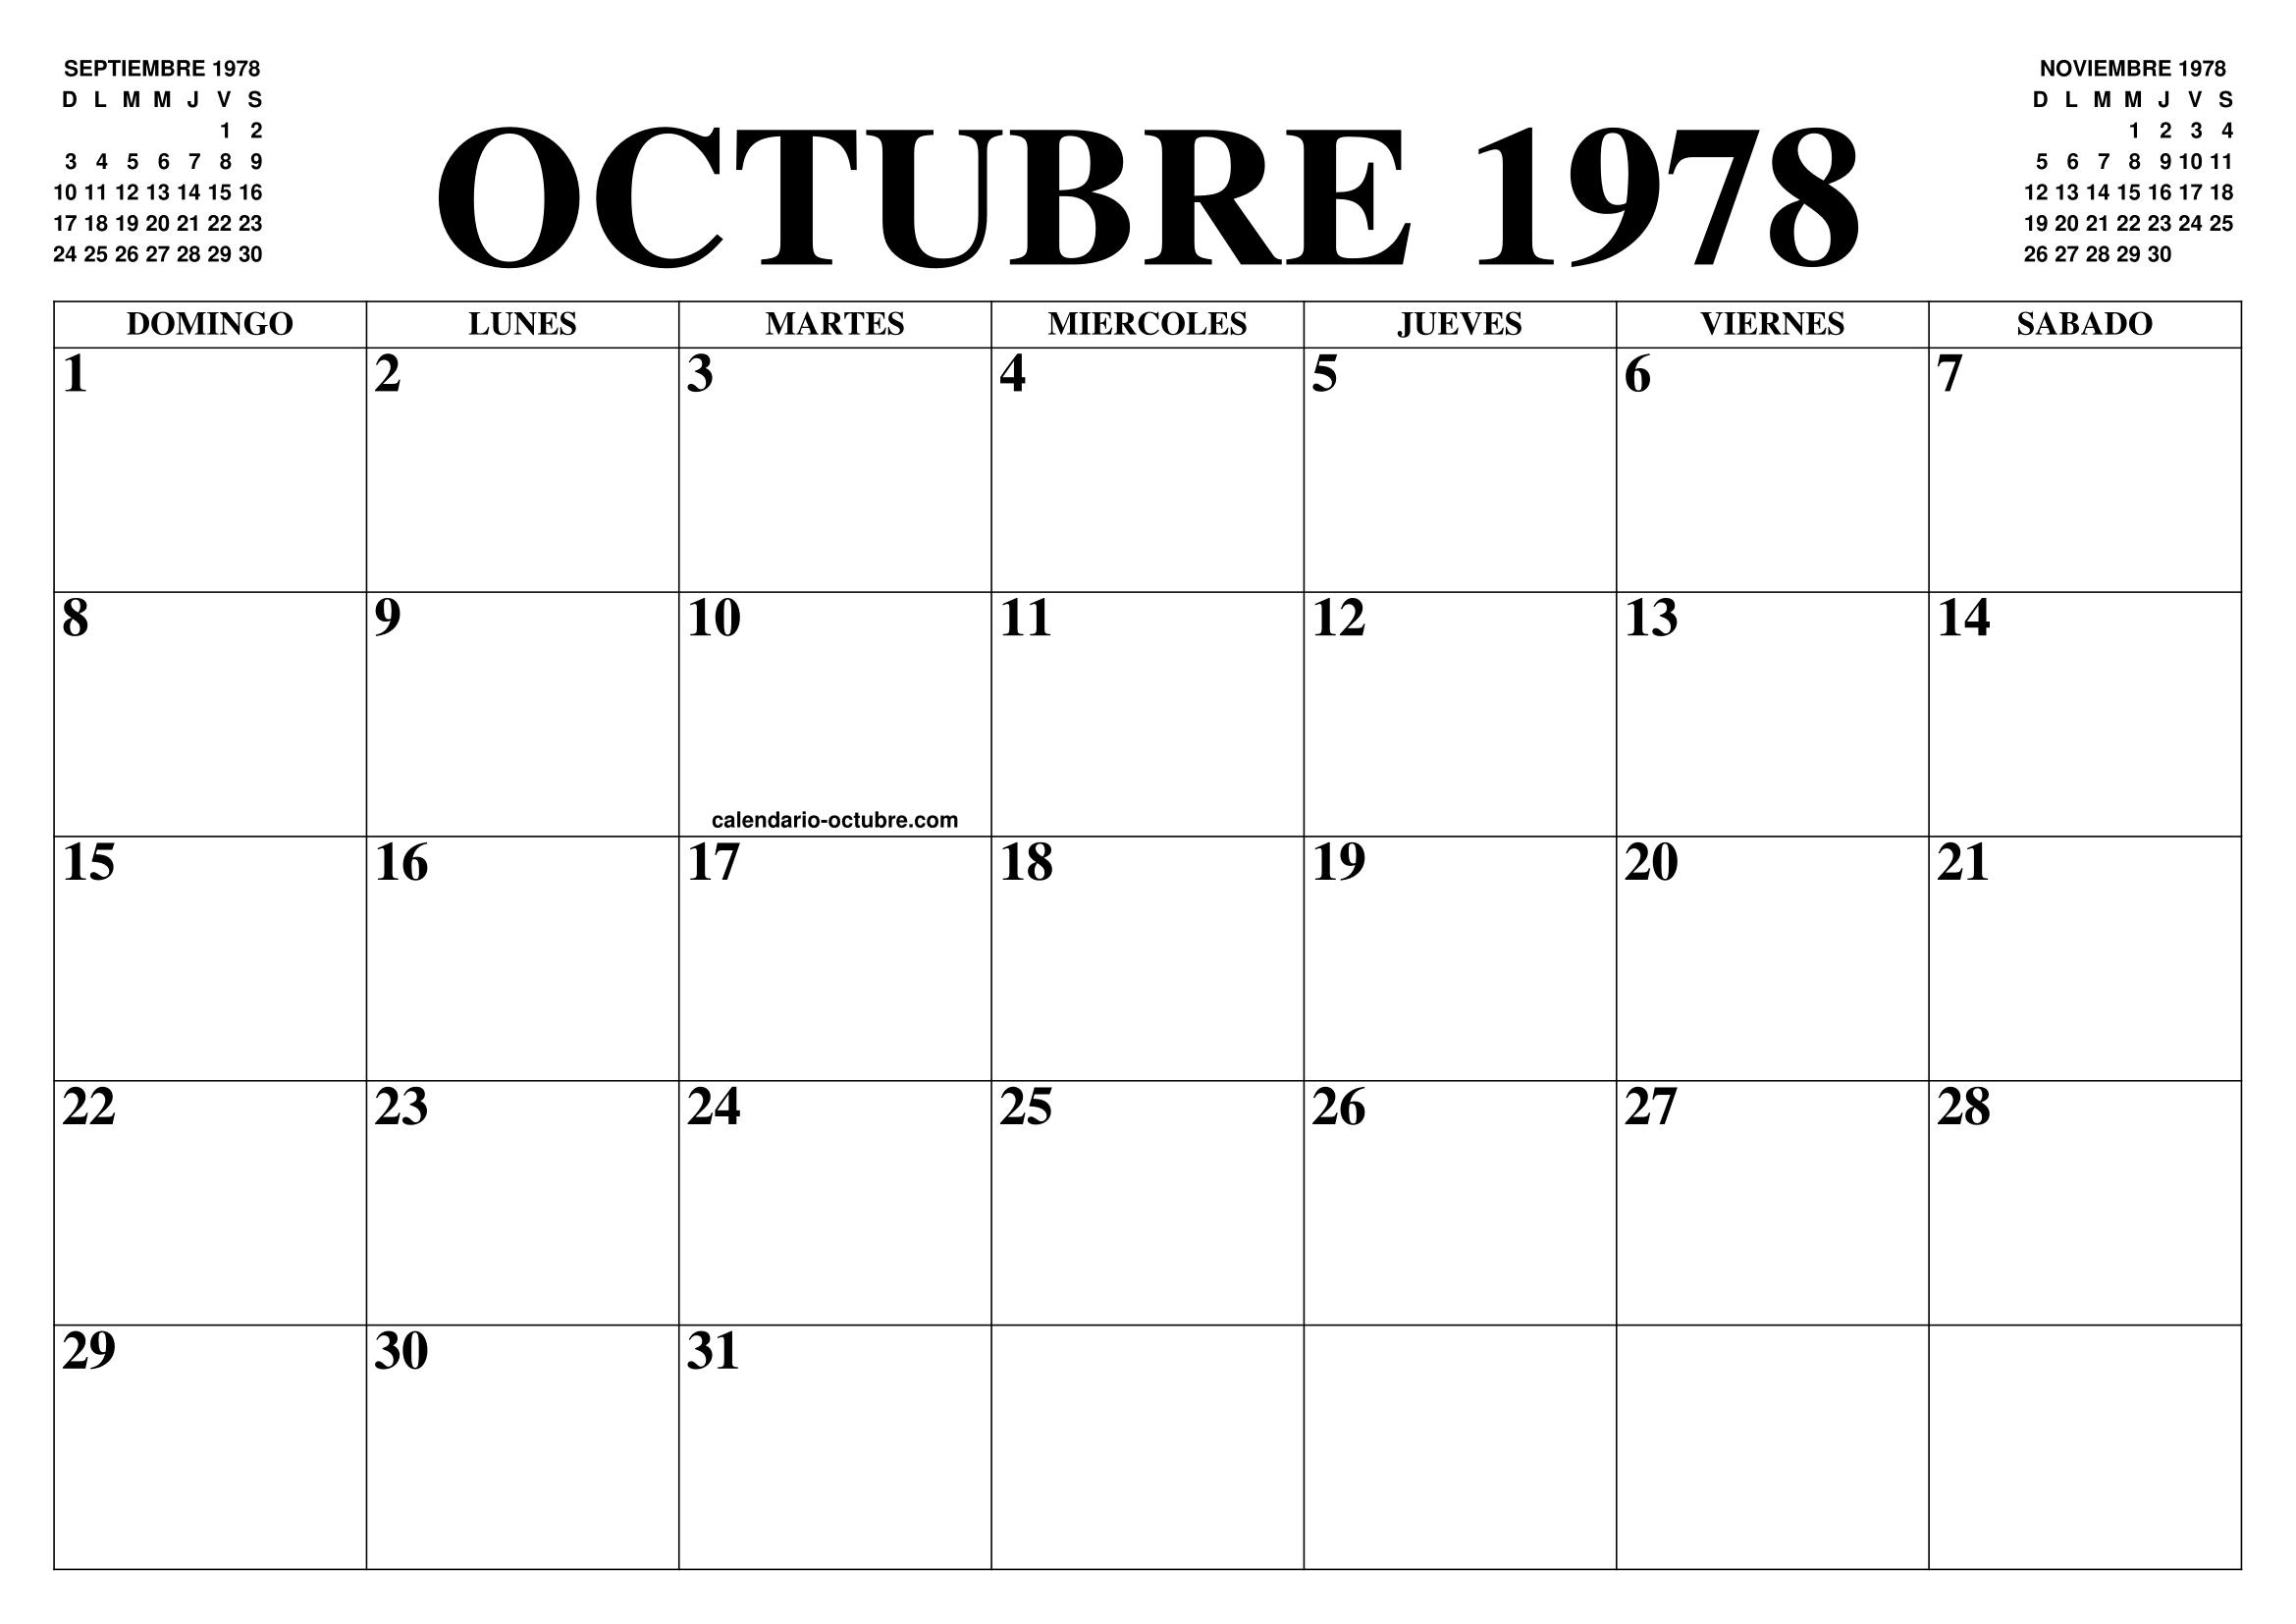 Calendario 1978.Calendario Octubre 1978 El Calendario Octubre Para